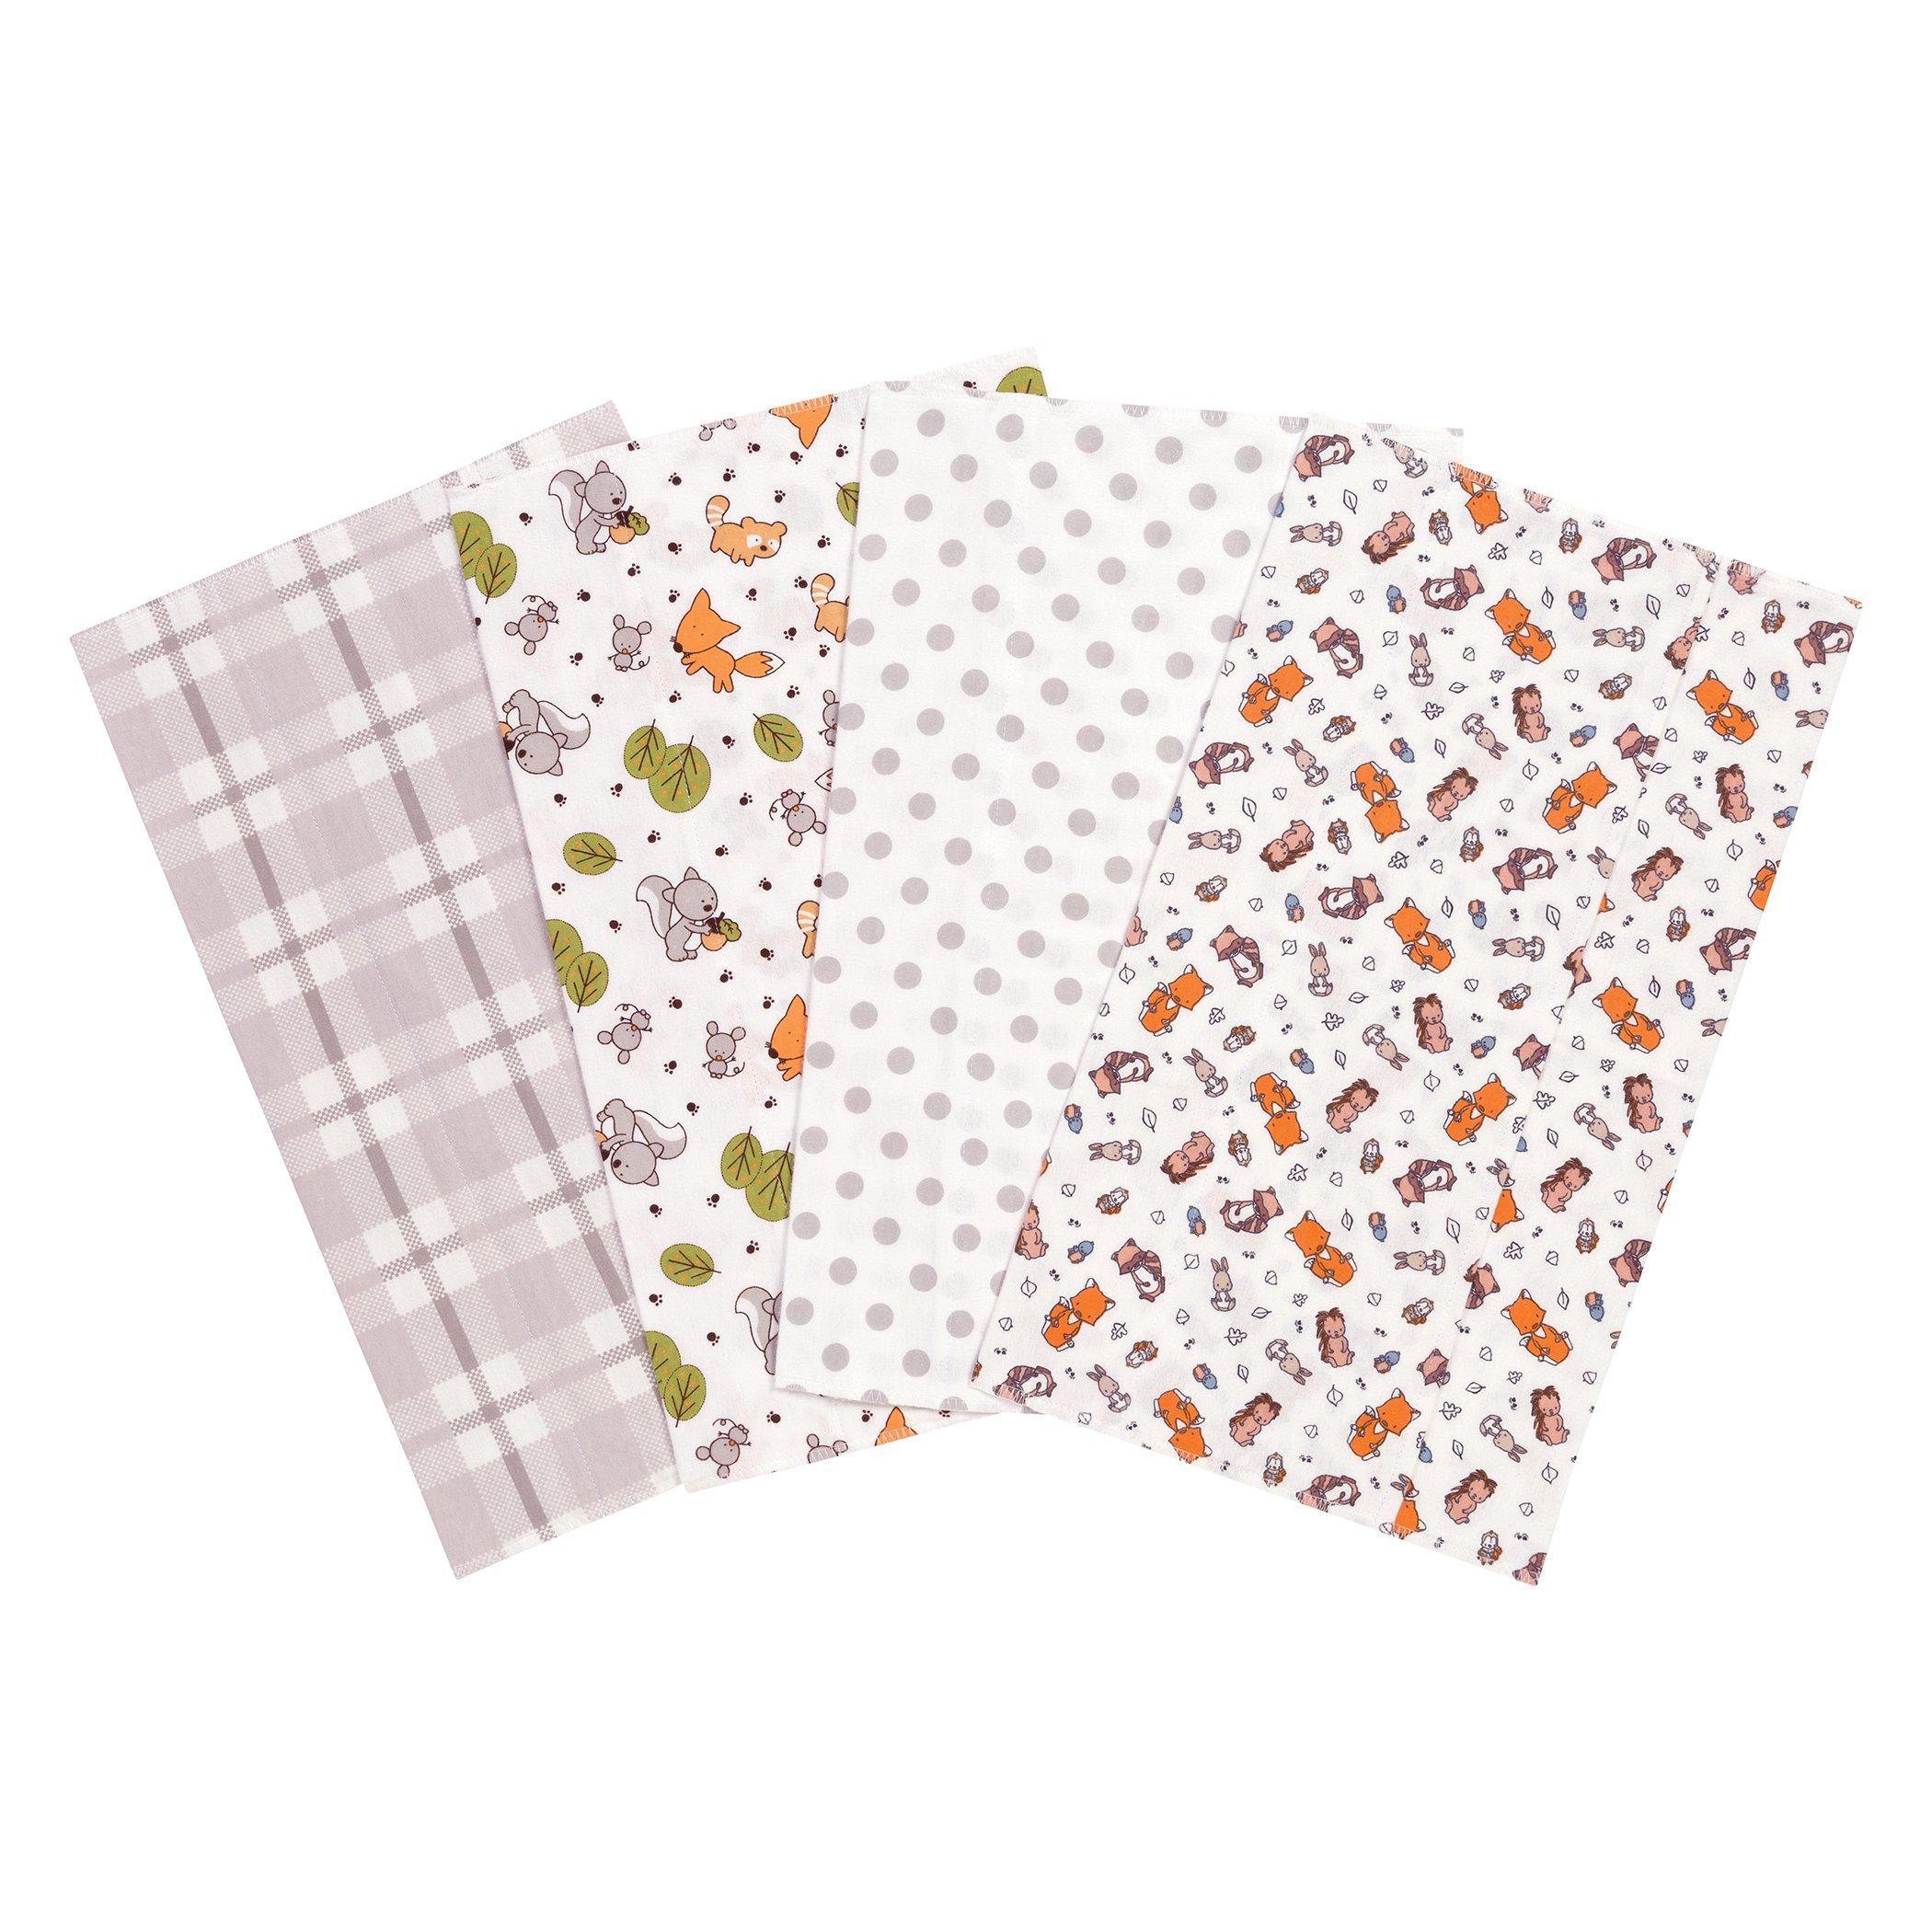 Trend Lab Wild Bunch Flannel Burp Cloth Set, 4 Piece